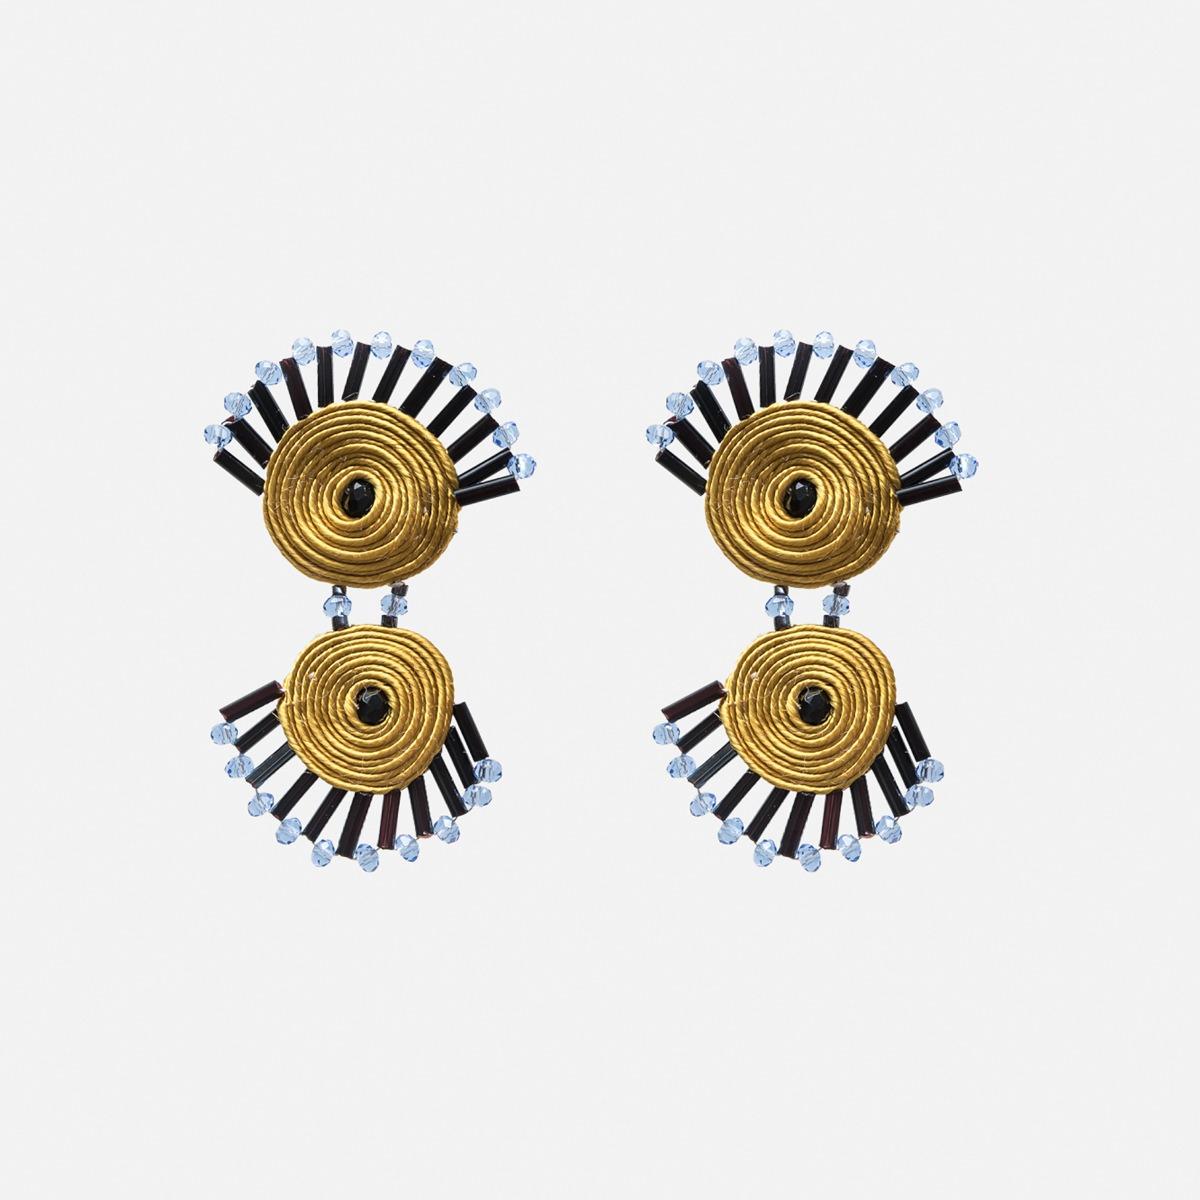 Pygmies earrings